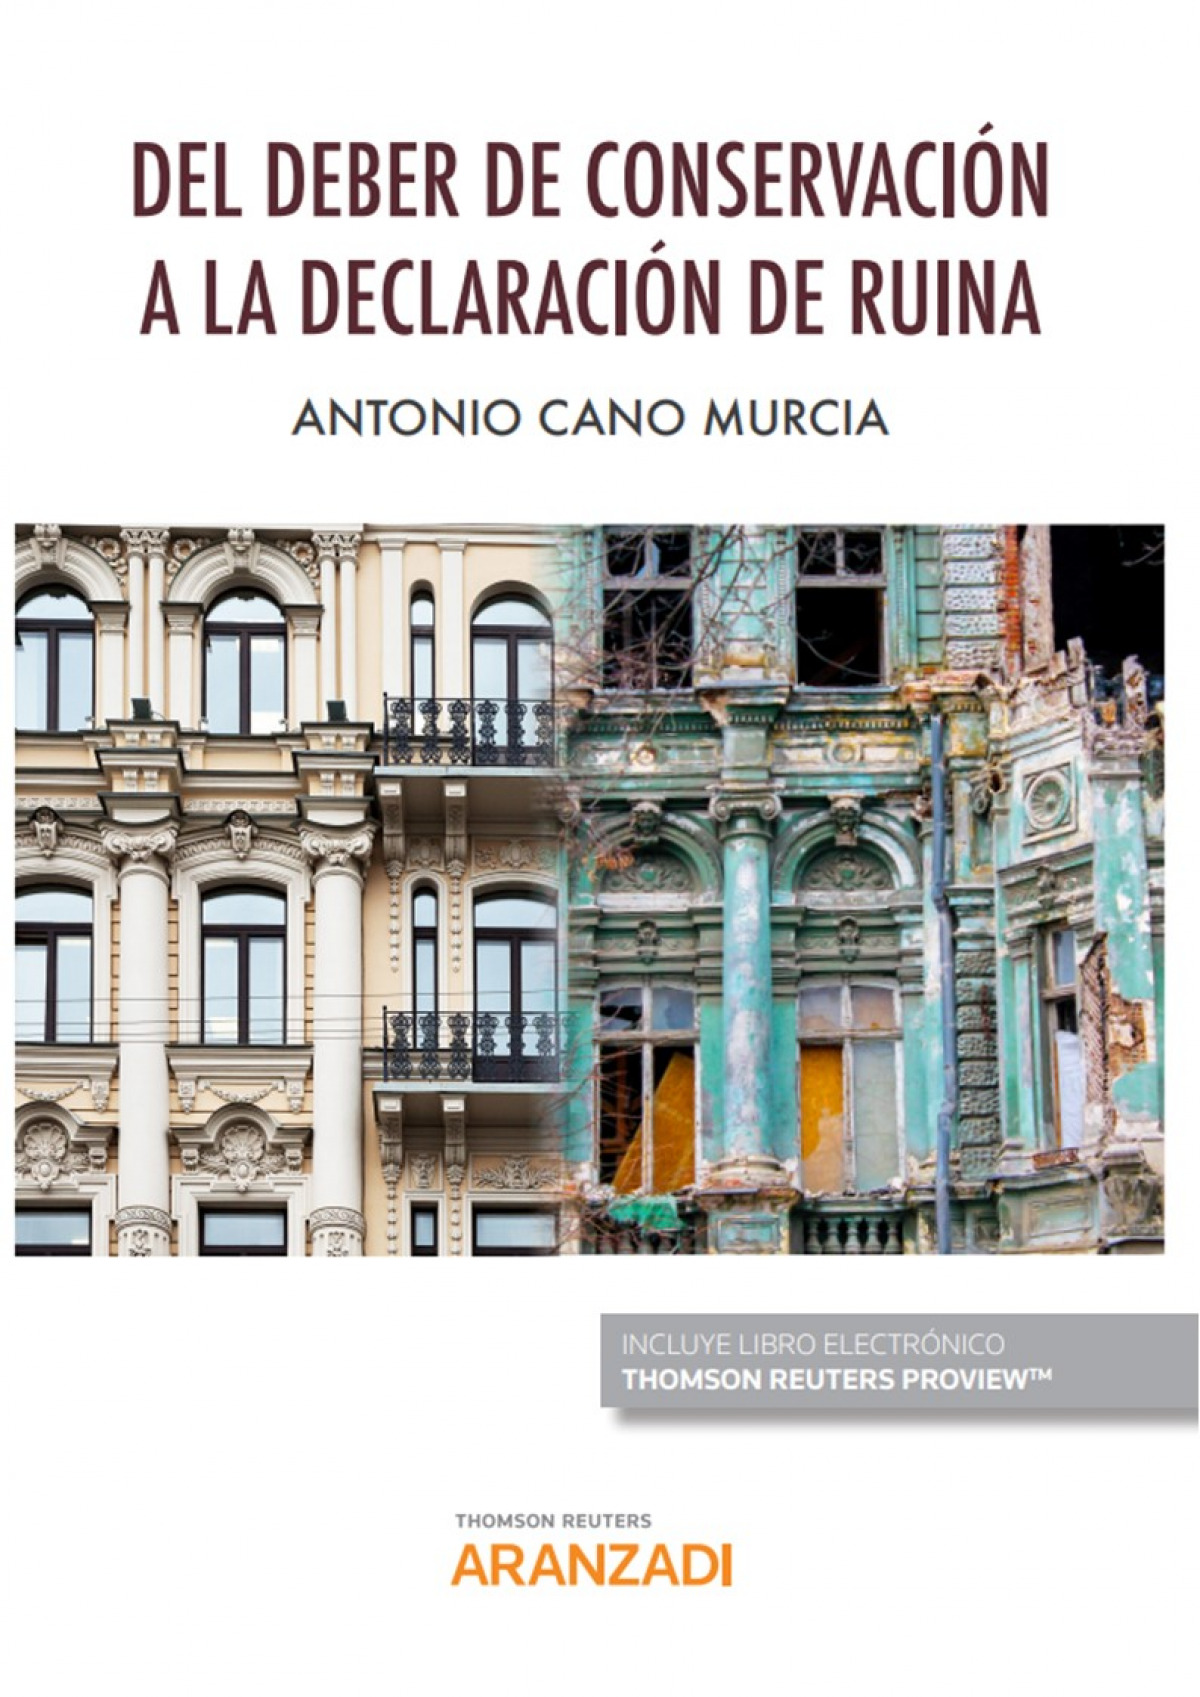 Del deber de conservación a la declaración de ruina (dúo)